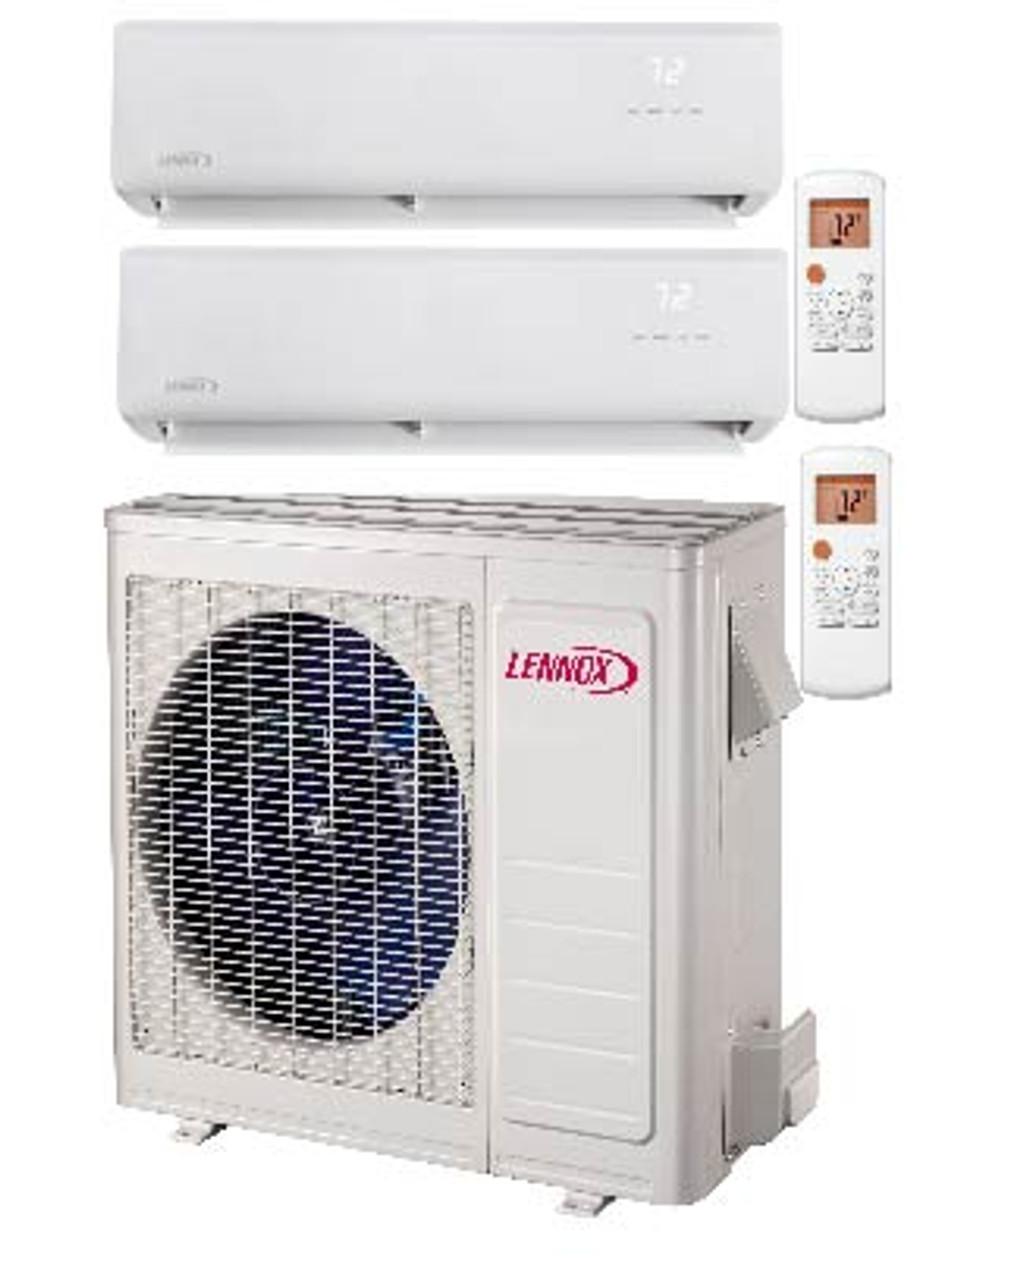 Lennox ML-Series 3 Ton Dual Zone Low Ambient 36,000 BTU Heat Pump Mini-Split System